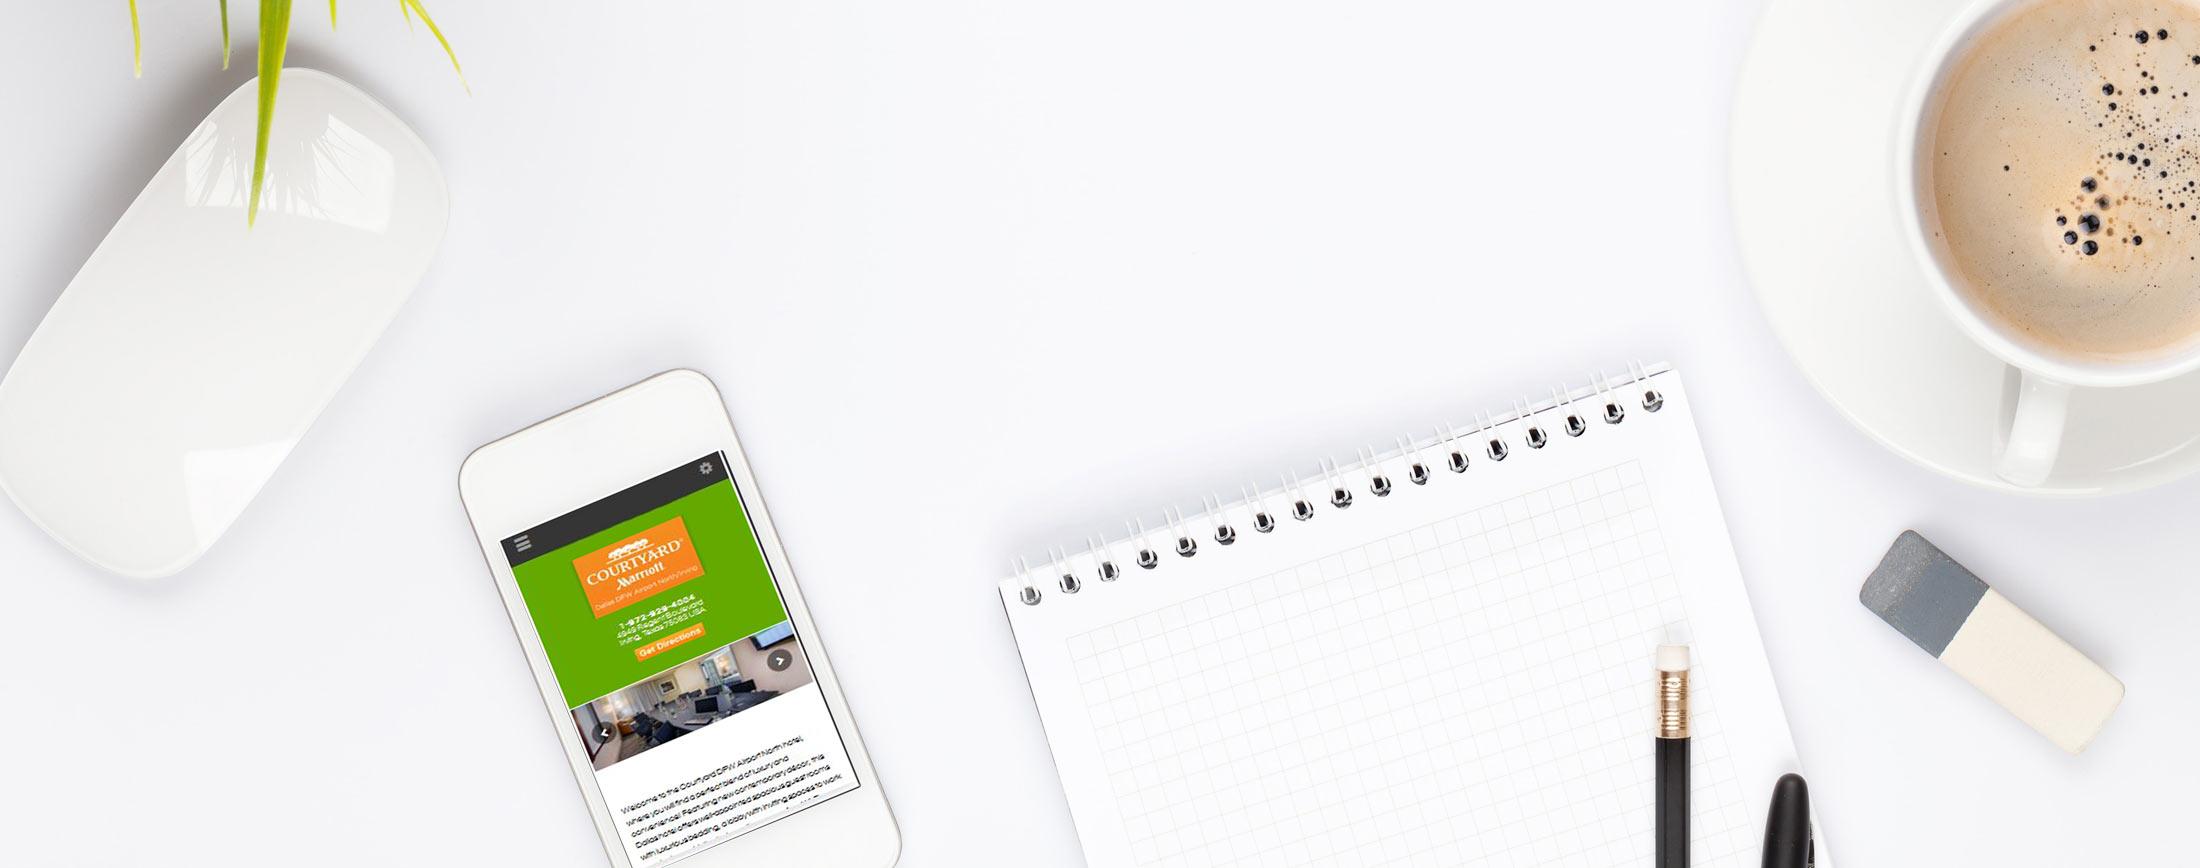 our-clients-desktopview